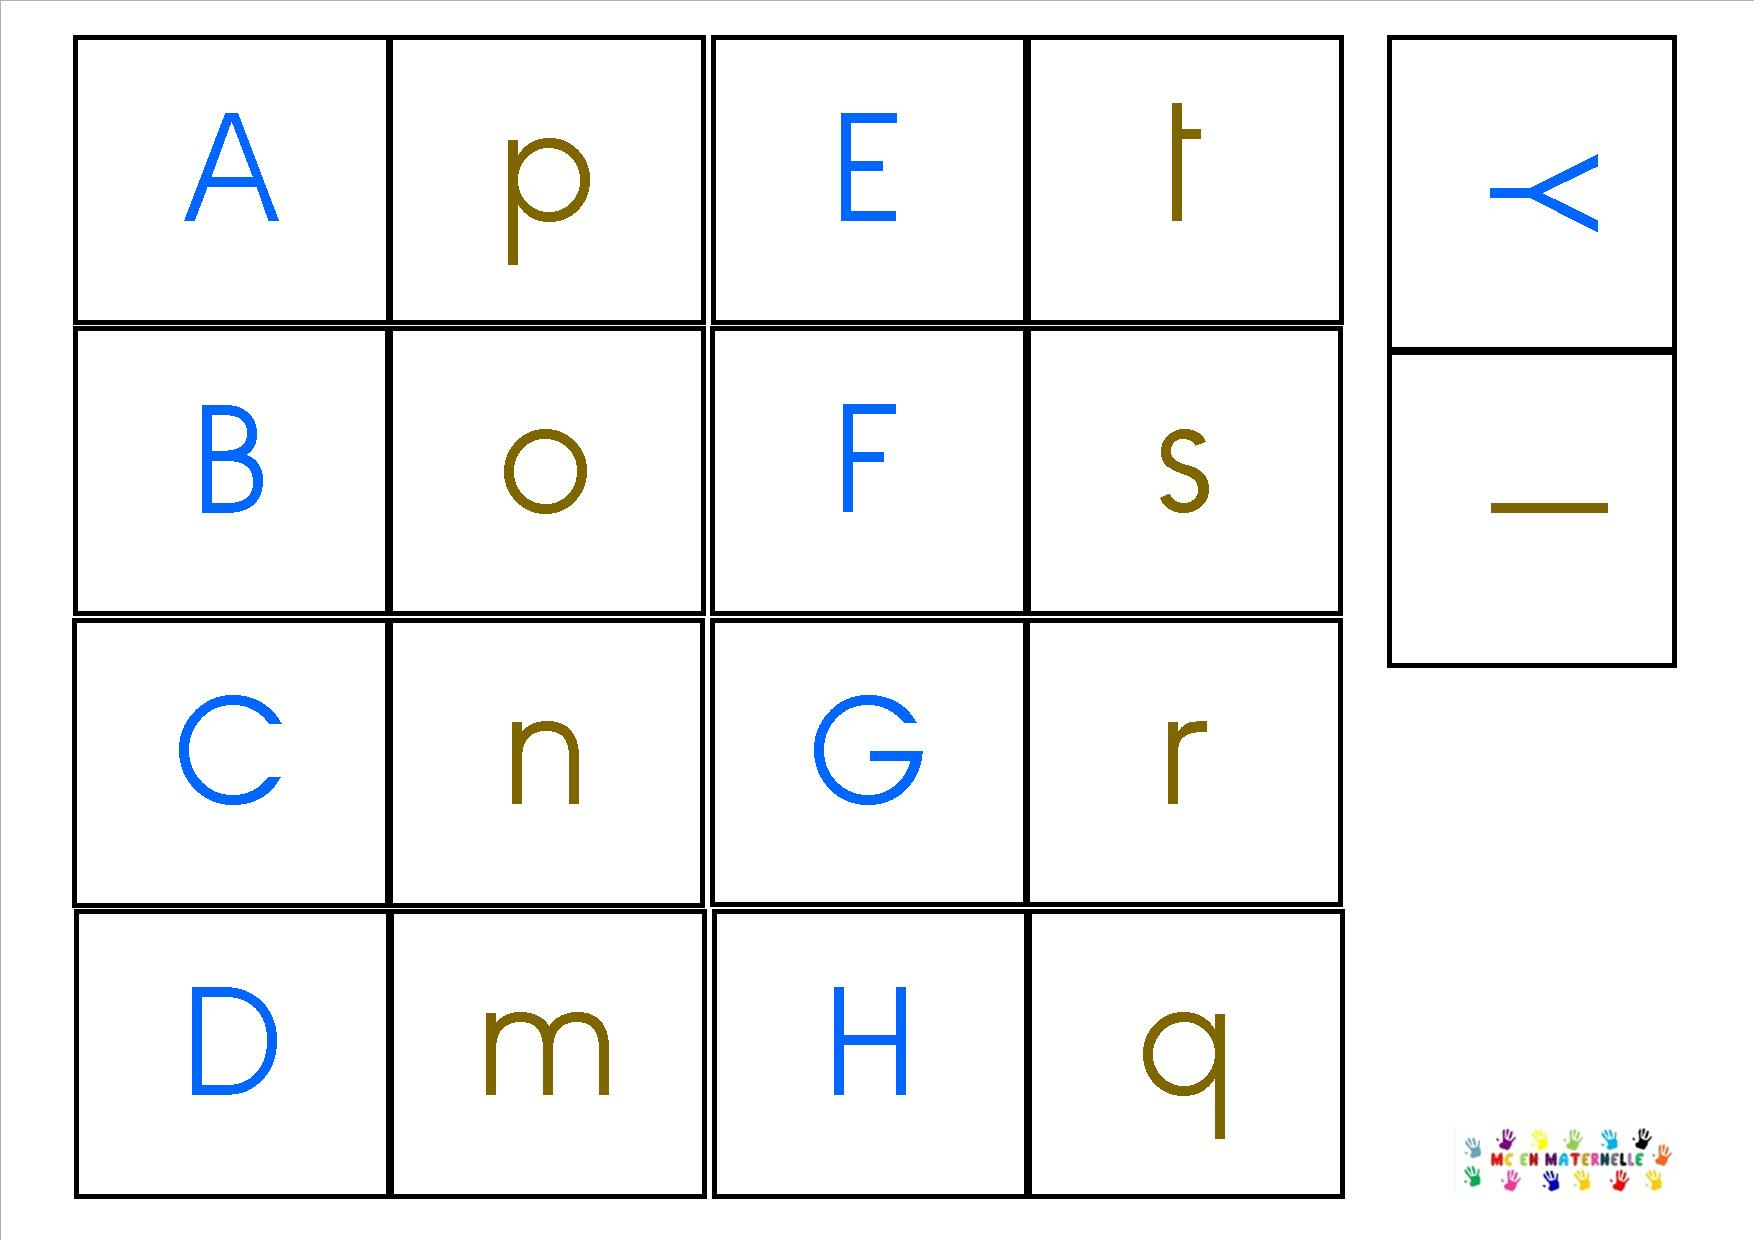 Domino Des Lettres Majuscule/minuscule – Mc En Maternelle encequiconcerne Lettres Majuscules À Imprimer